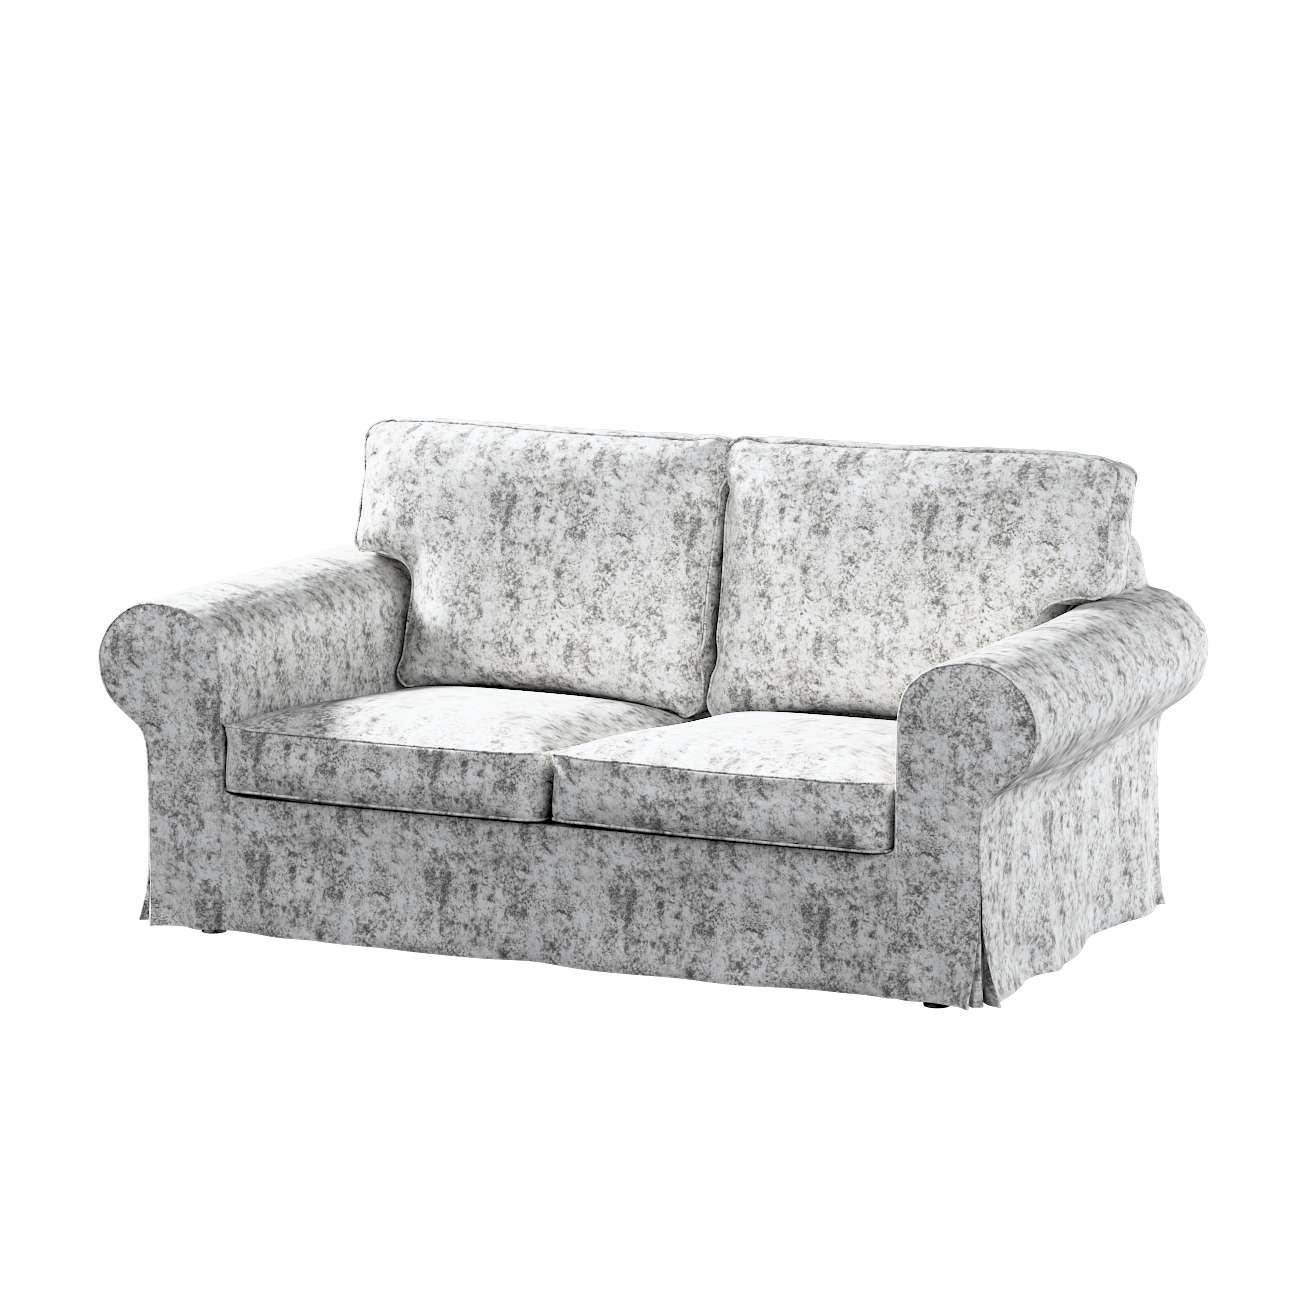 Pokrowiec na sofę Ektorp 2-osobową, nierozkładaną w kolekcji Velvet, tkanina: 704-49